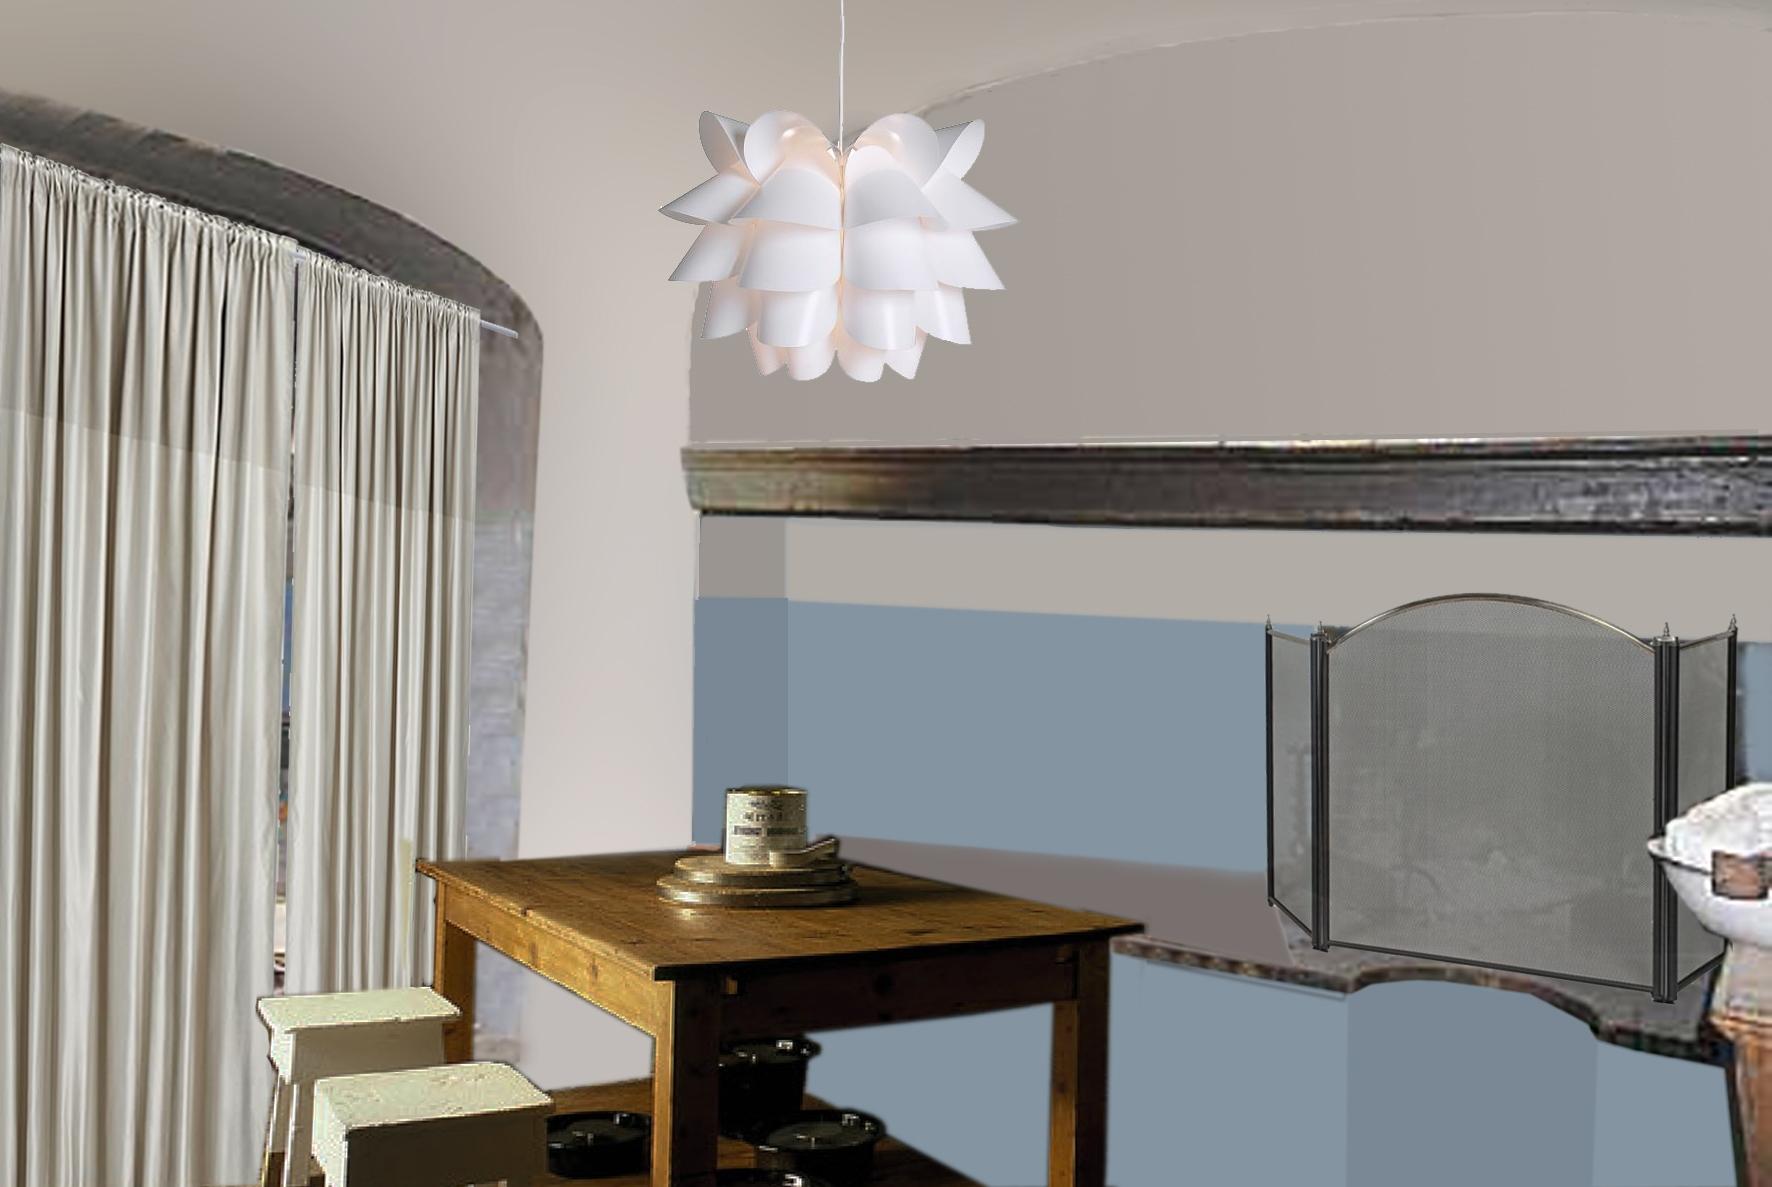 Di Un Grosso Lampadario Centrale Assolutamente Moderno E Di Design #977134 1772 1187 La Sala Da Pranzo Wikipedia